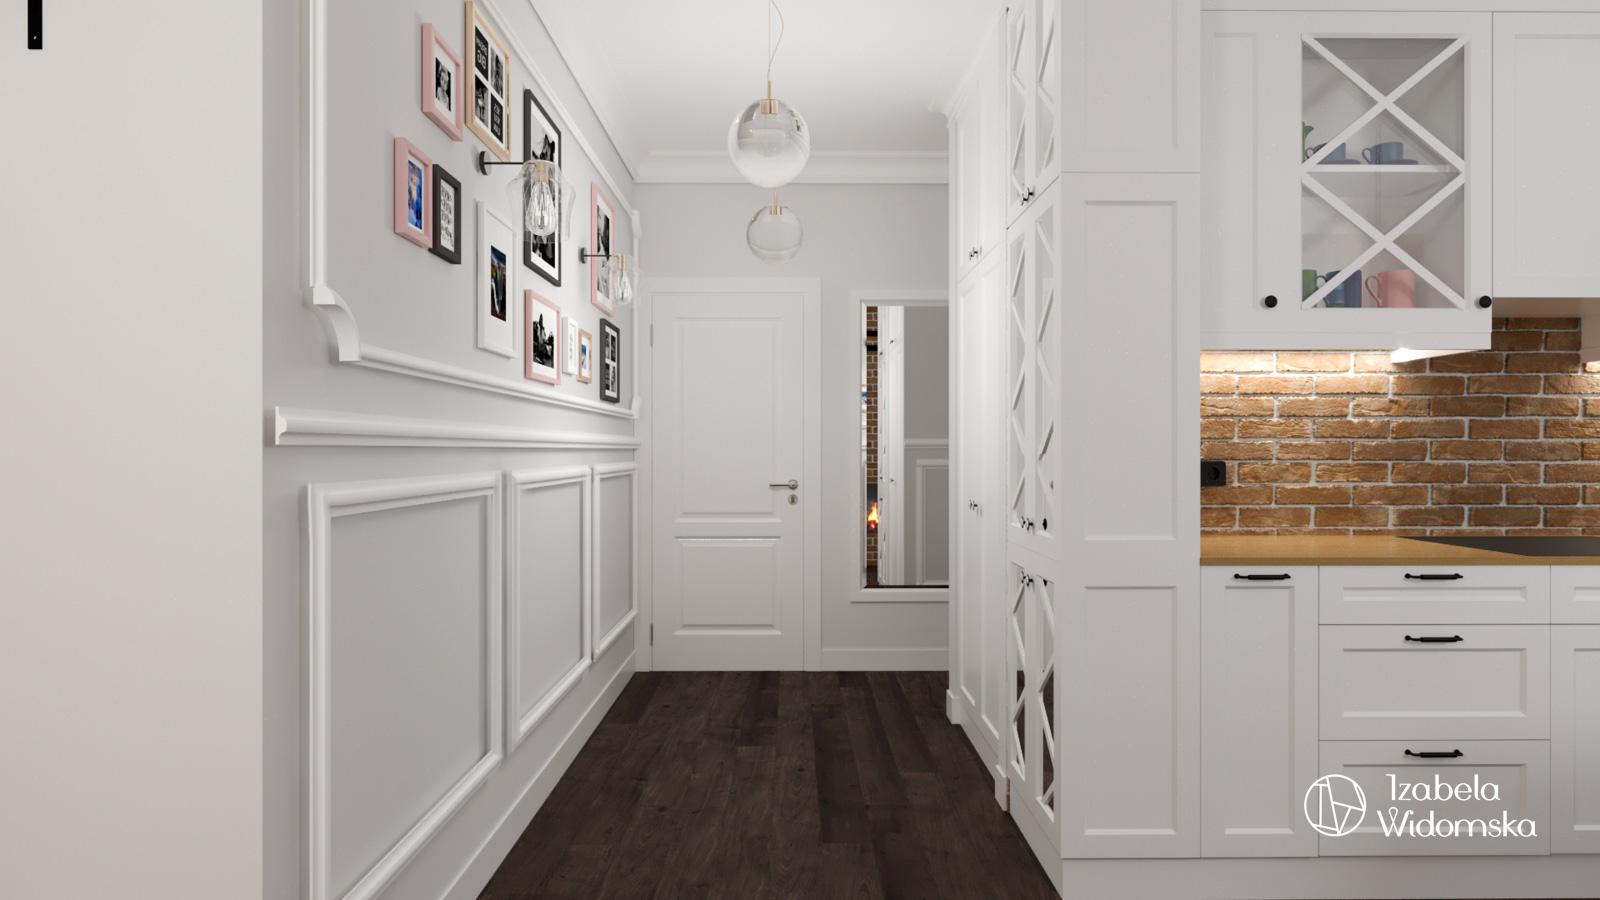 Mieszkanie z wyspą i ceglanym kominkiem | Piękne Eleganckie Glamour | Projekt wnętrza architekt Izabela Widomska